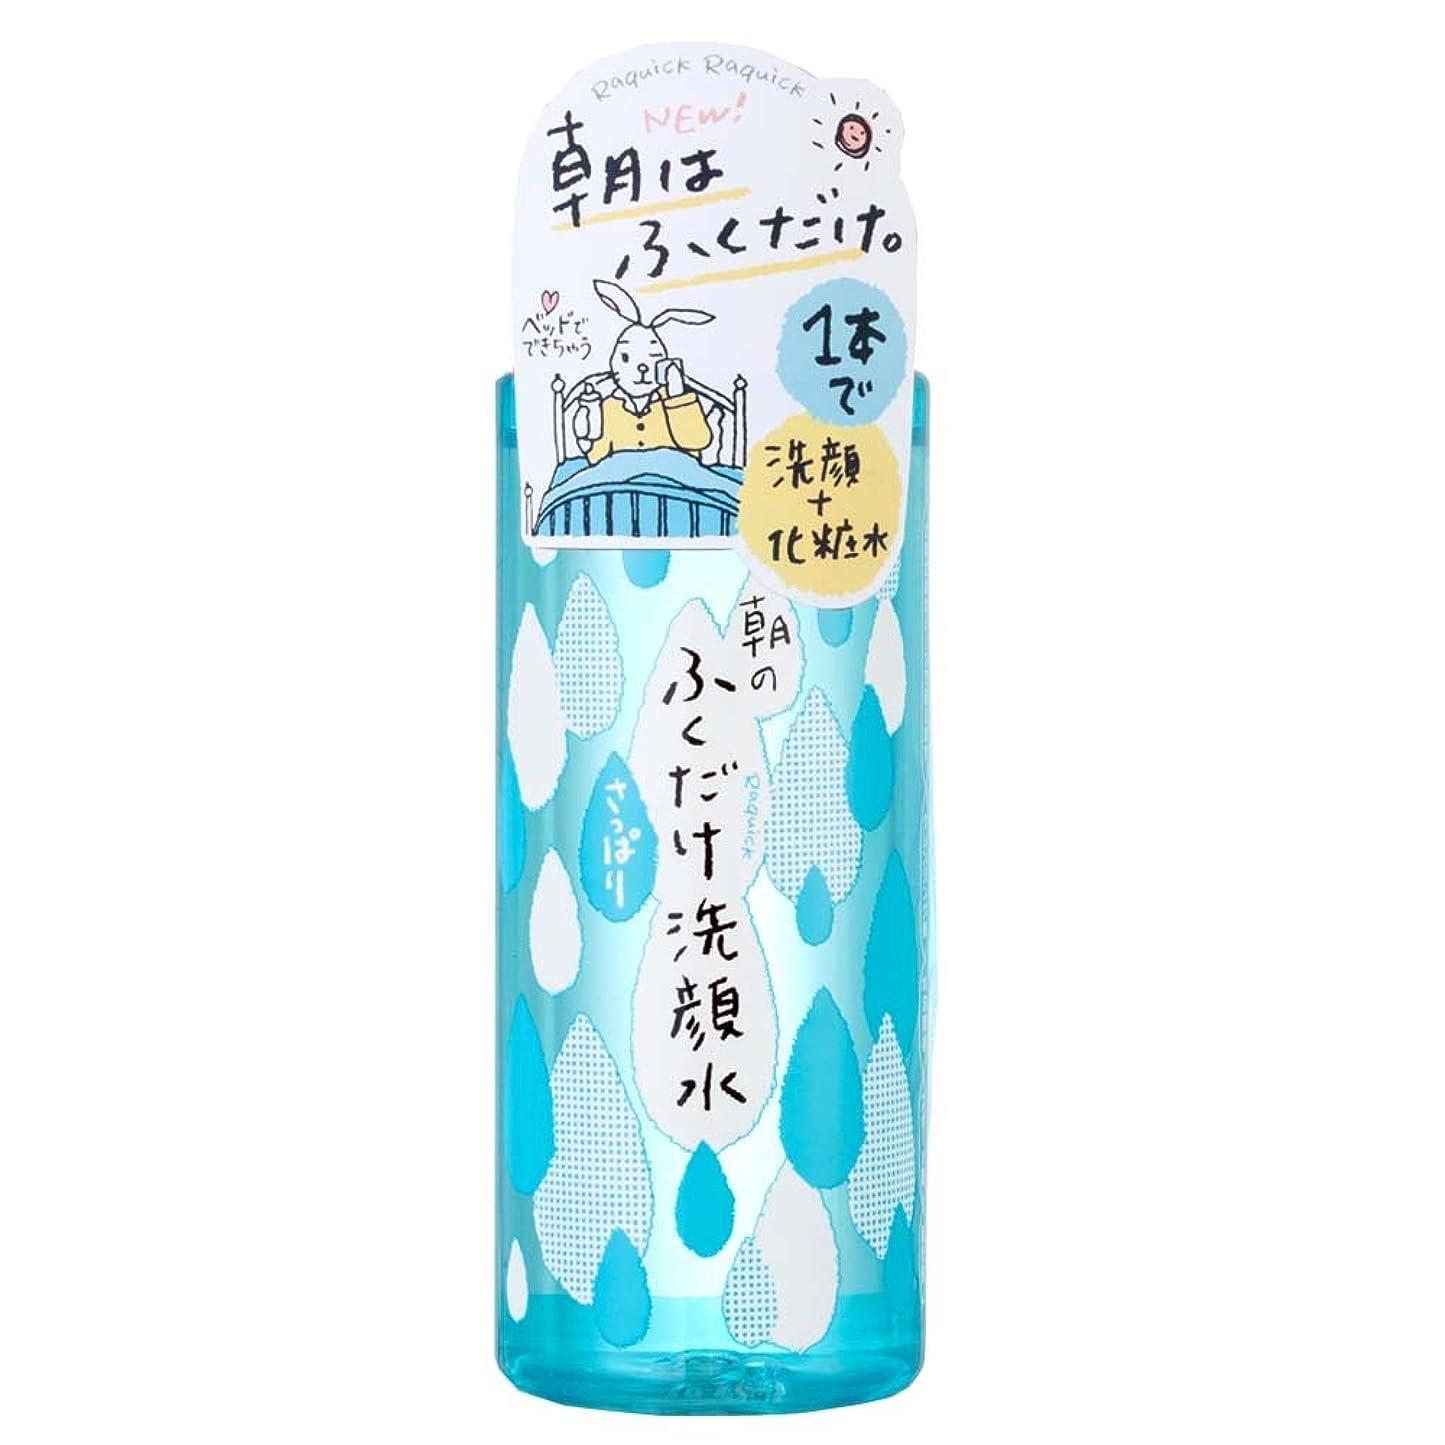 ファイナンス時計コマースラクイック 朝のふくだけ洗顔水 さっぱり 310mL